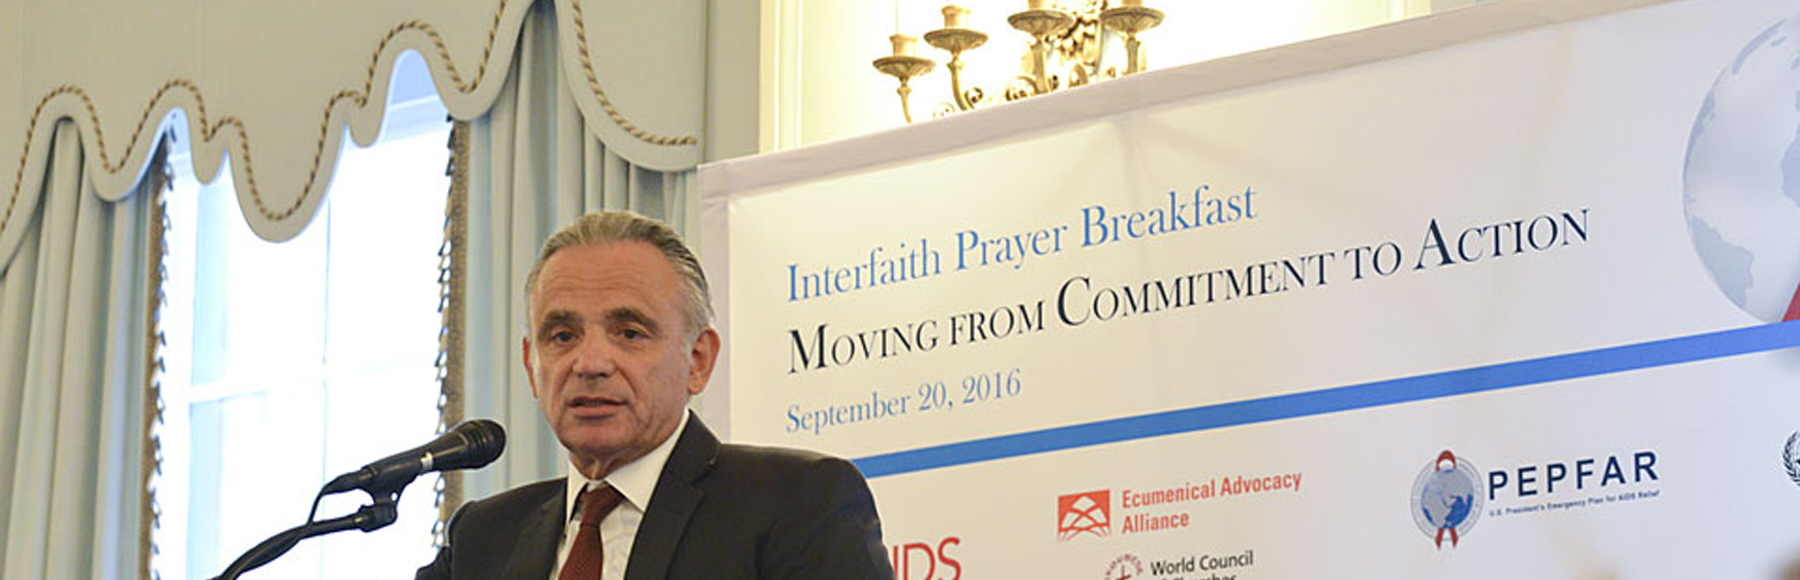 Aceleração da Resposta ao HIV em conjunto com as Organizações Religiosas_SemSombra